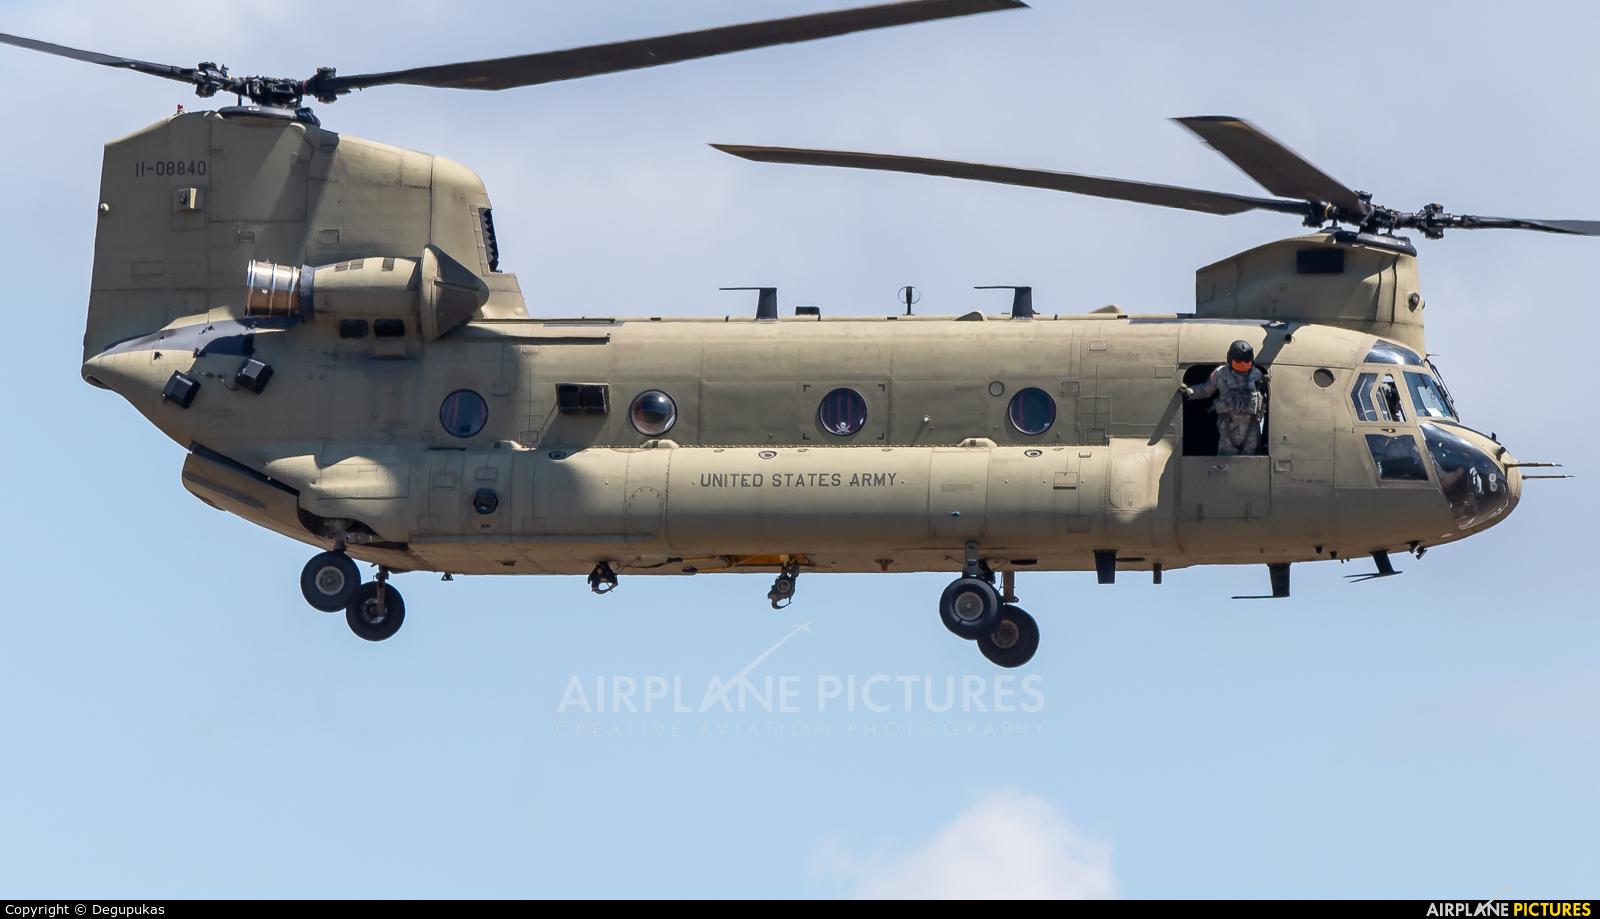 USA - Army 11-08840 aircraft at San Jose - Juan Santamaría Intl